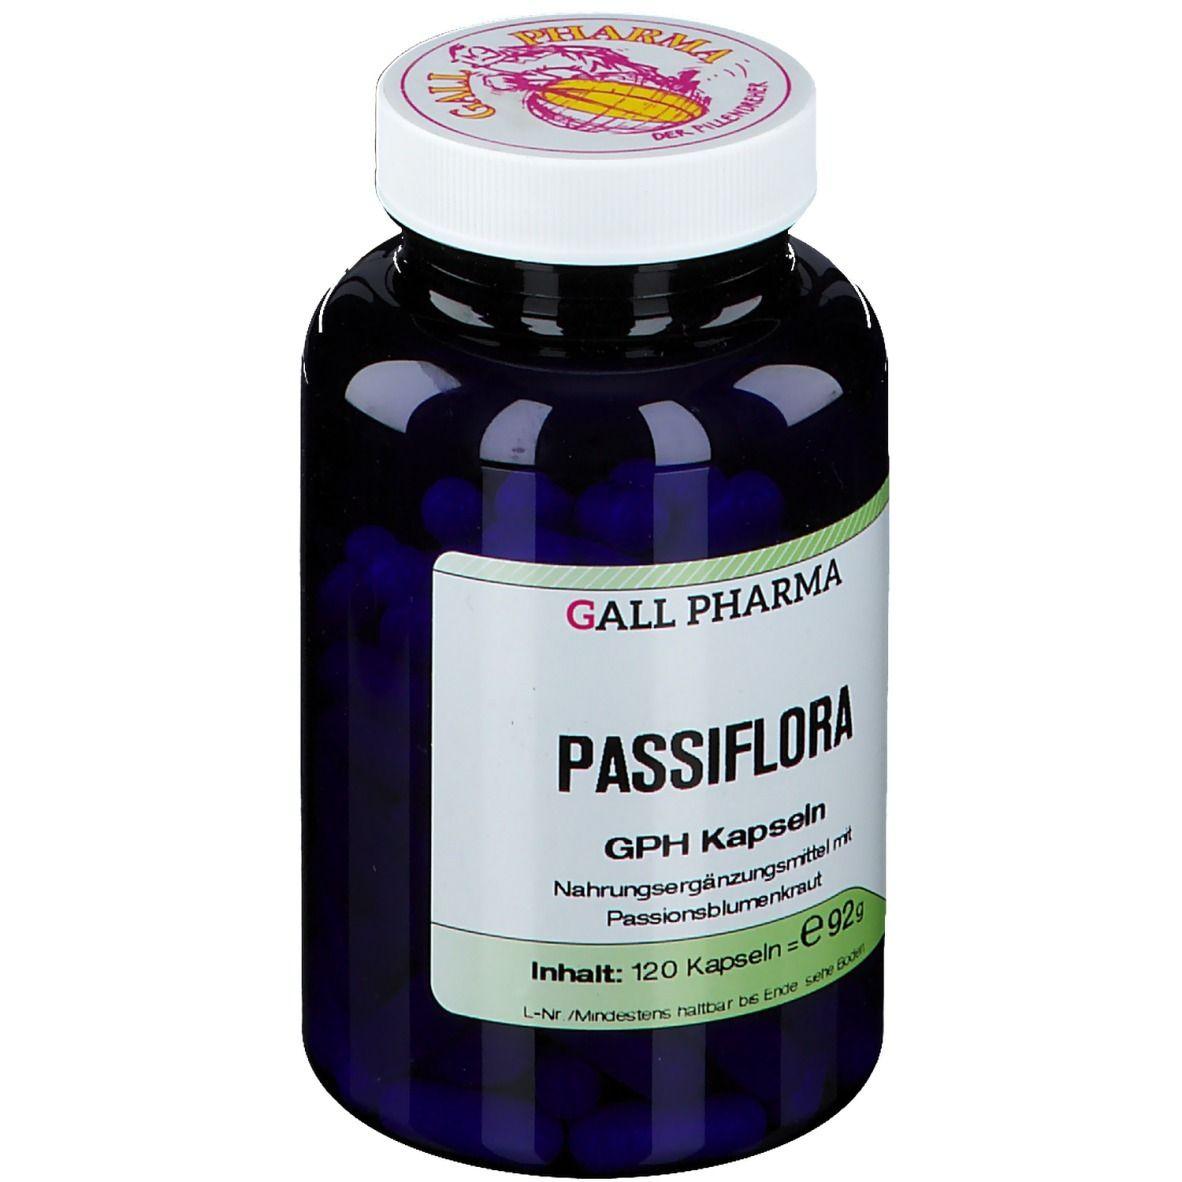 GALL PHARMA Passiflora GPH Kapseln